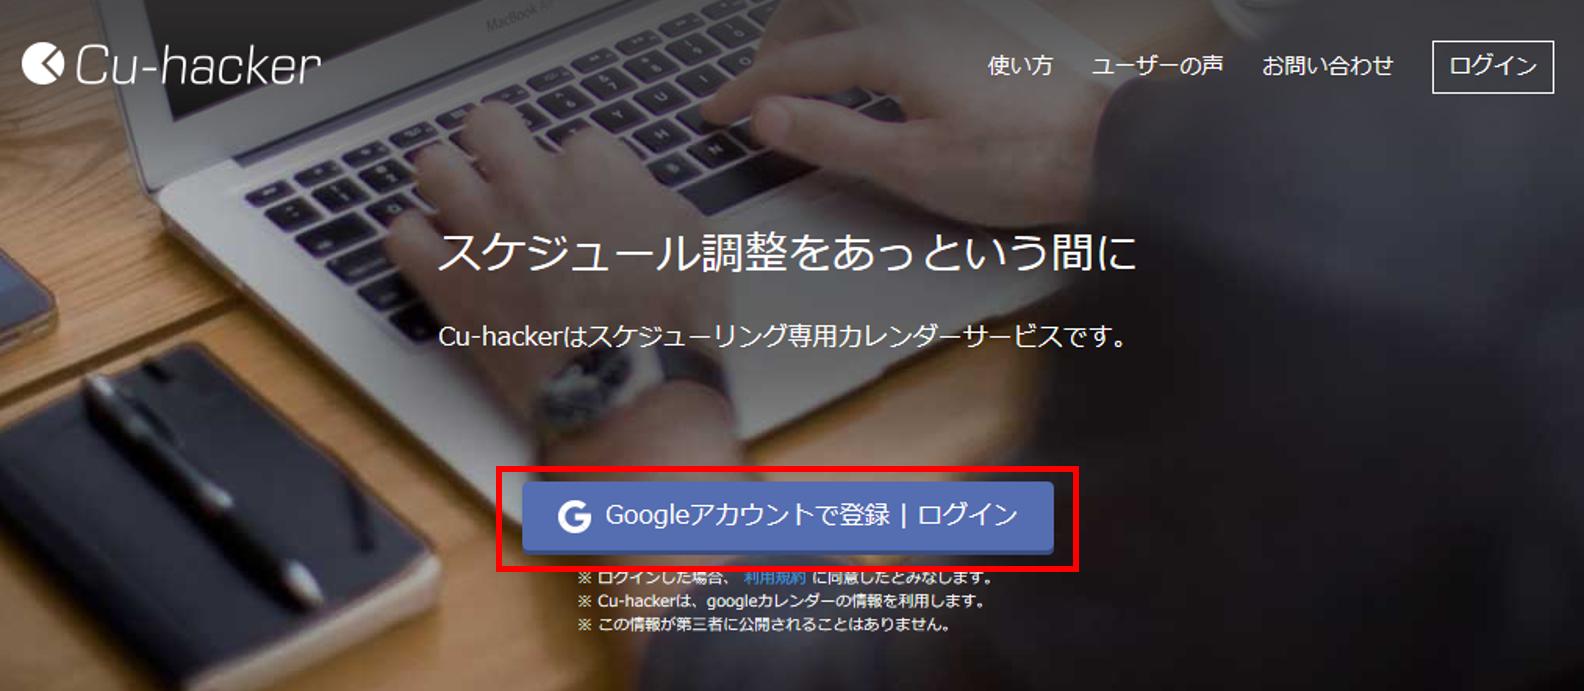 Cu-hackerの使い方_002.png